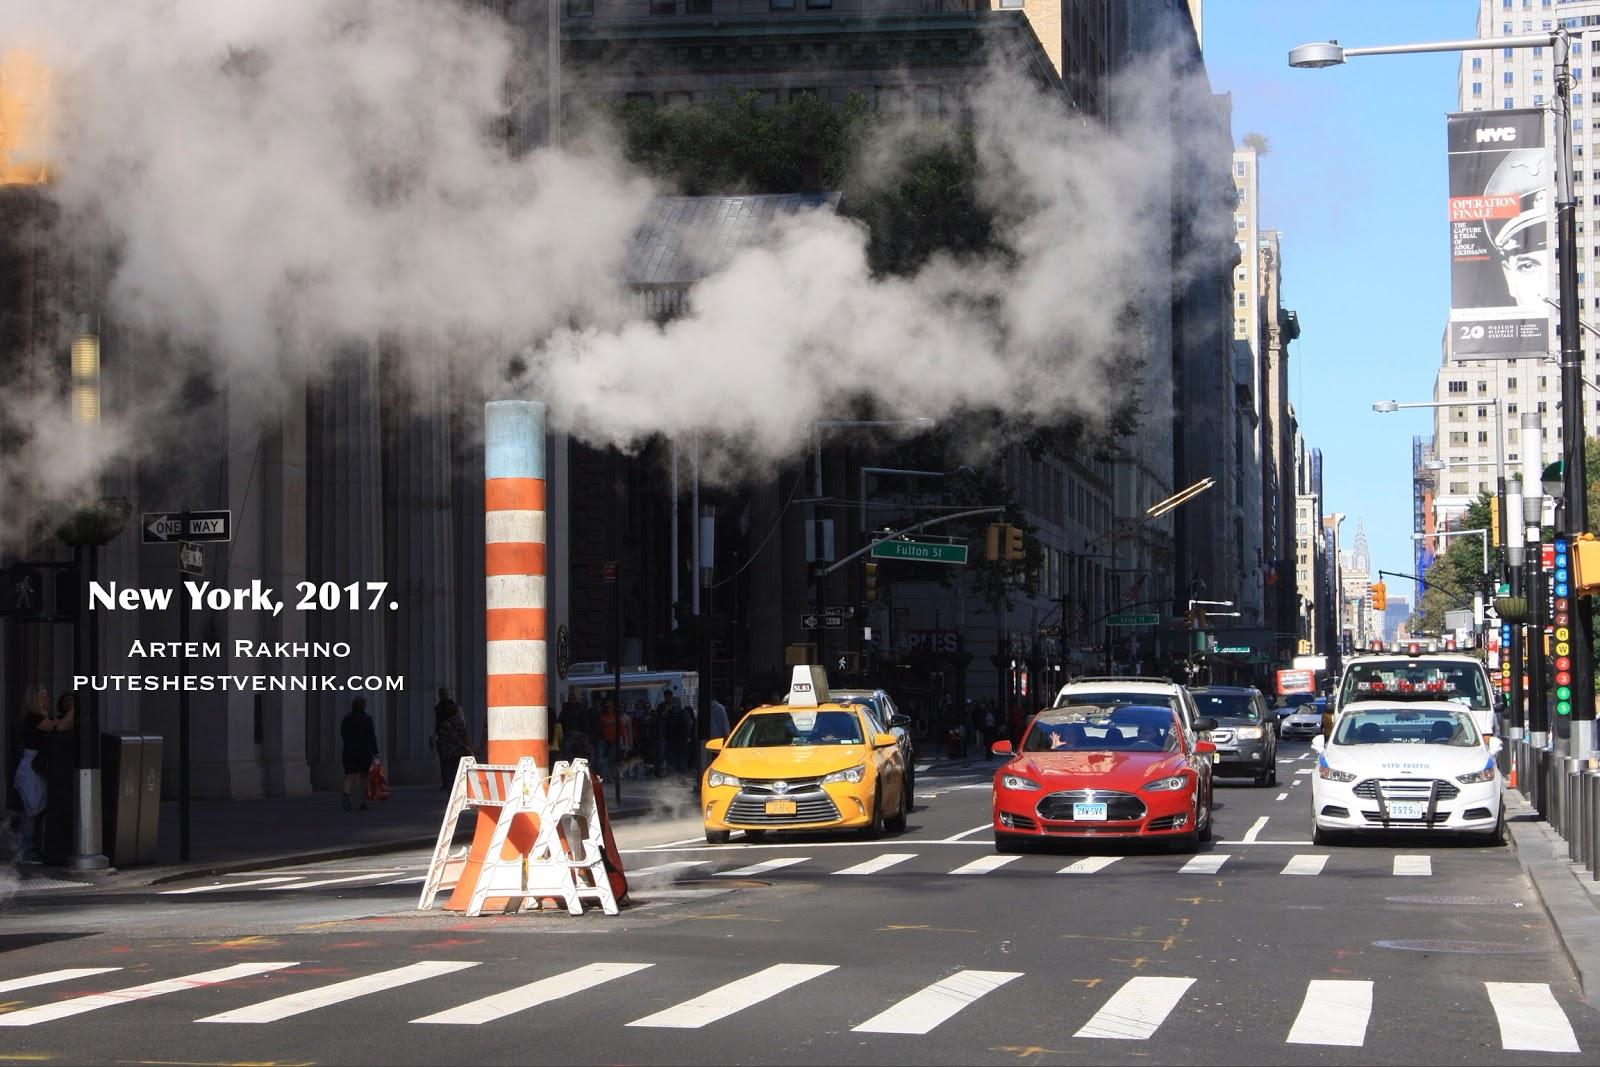 Машины и труба с паром в Нью-Йорке